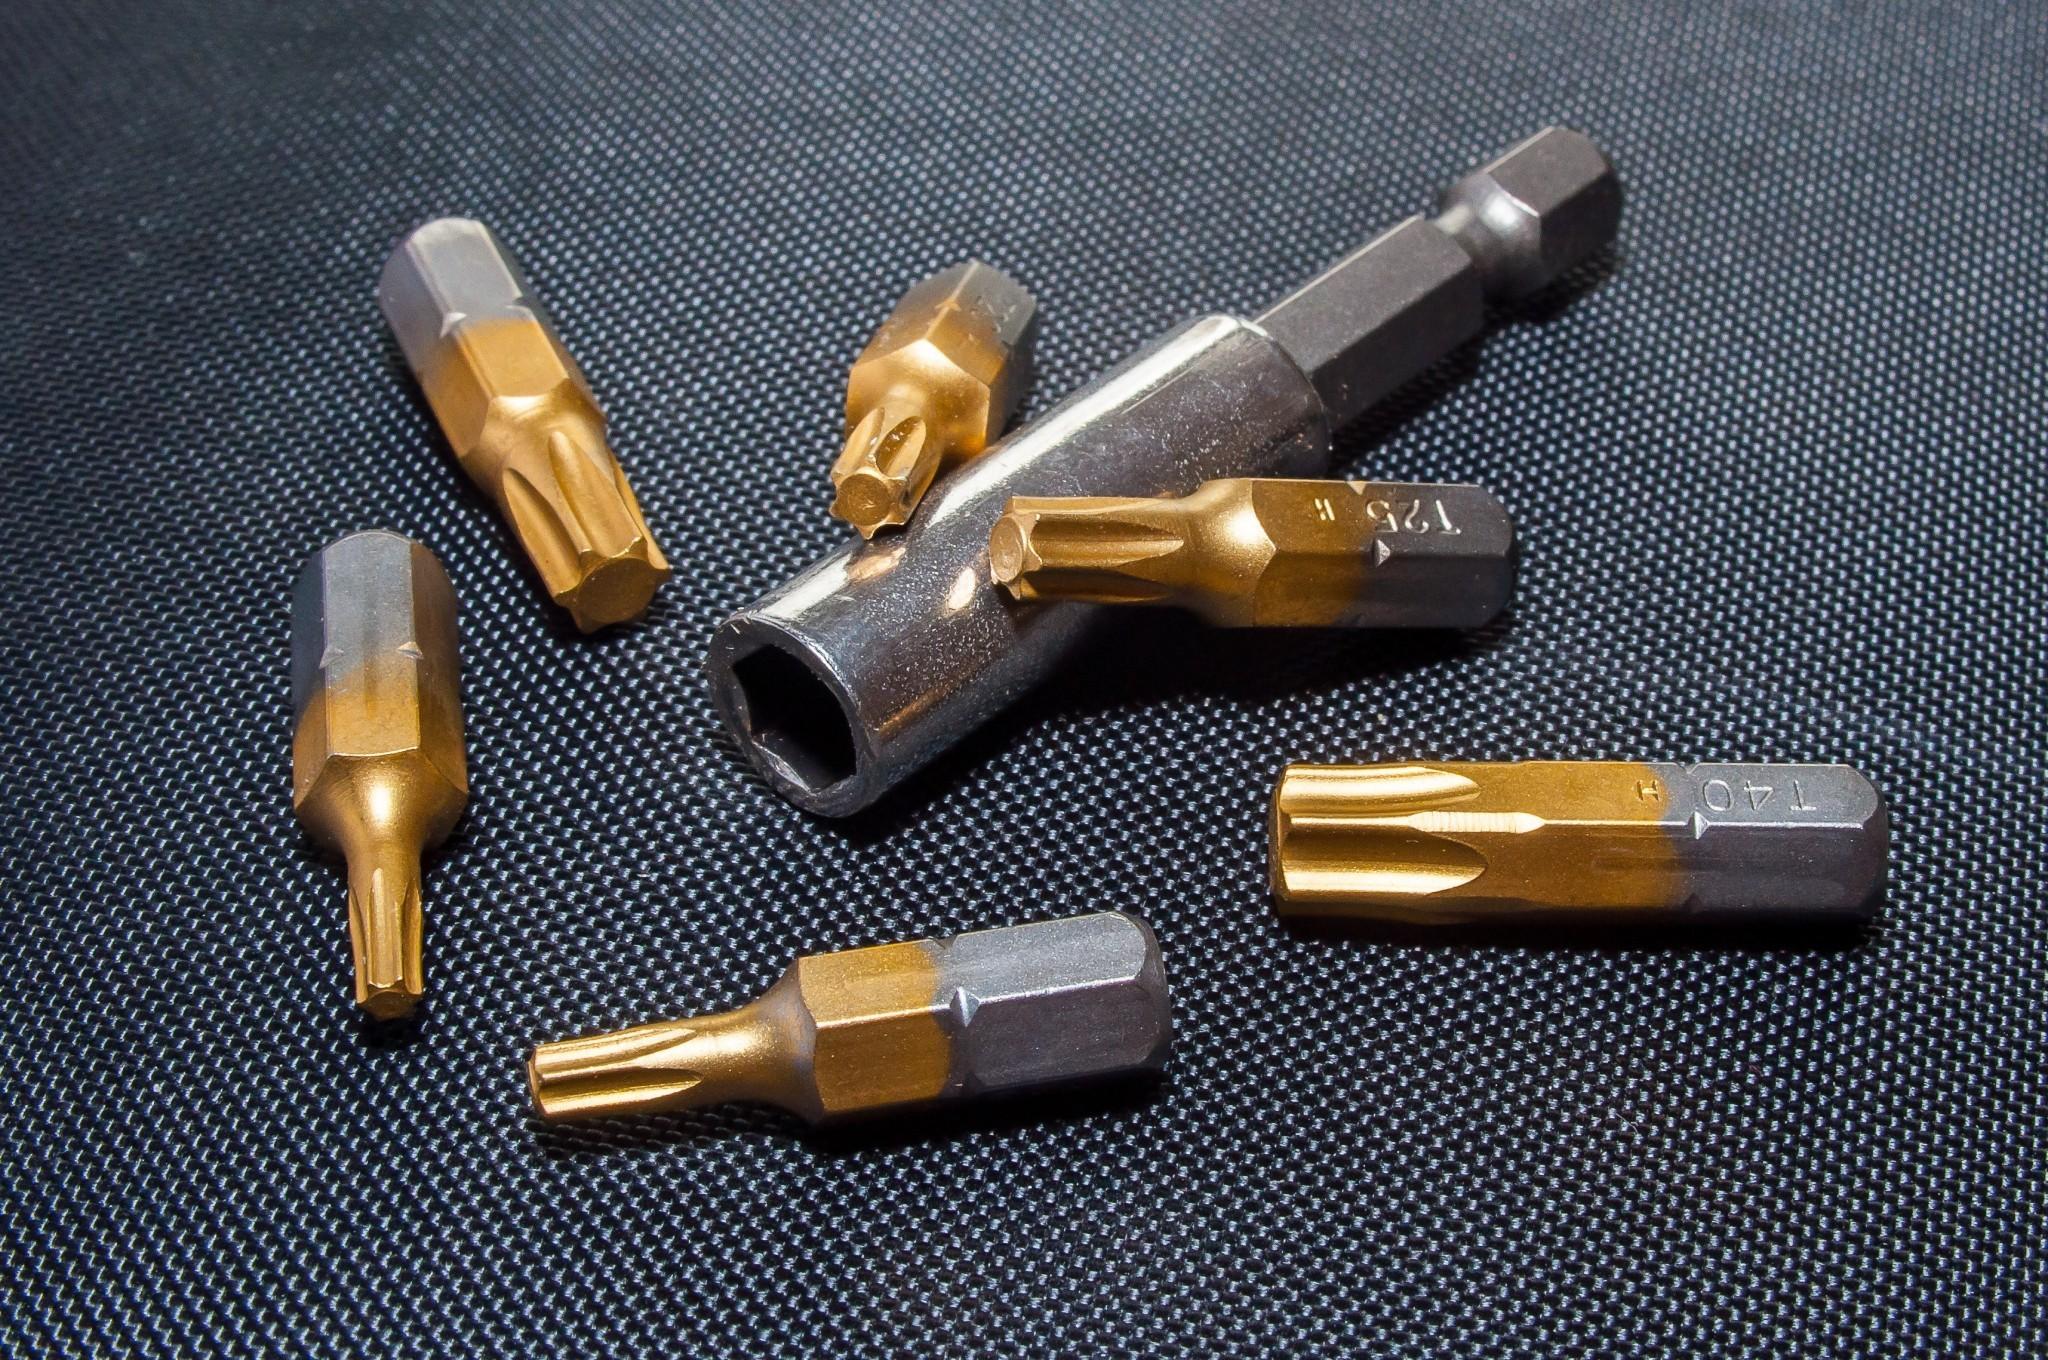 chrome-close-up-equipment-60049